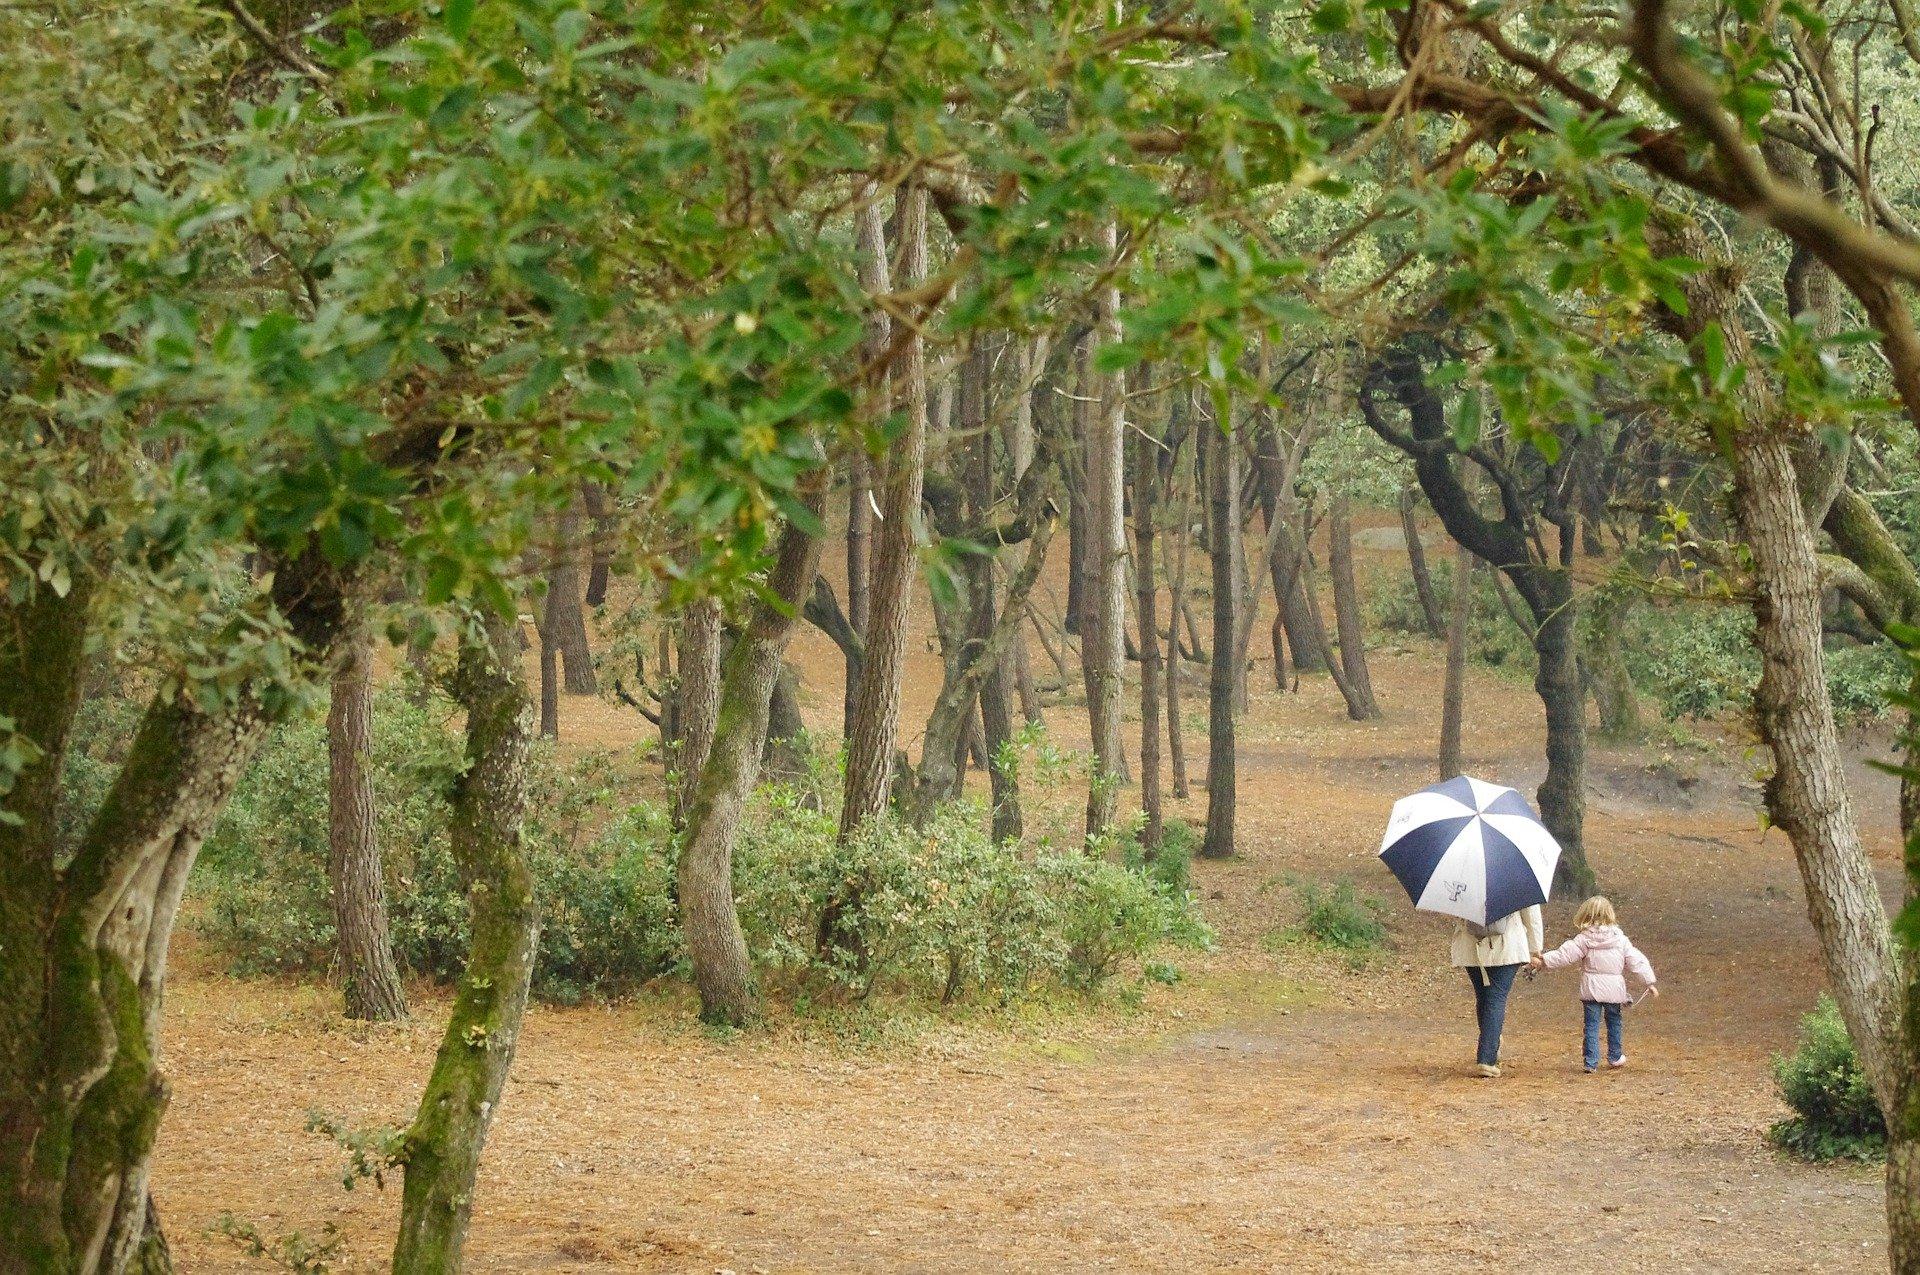 Sortir en nature est un bel objectif de printemps. Promenons dans les bois en mode slow life !